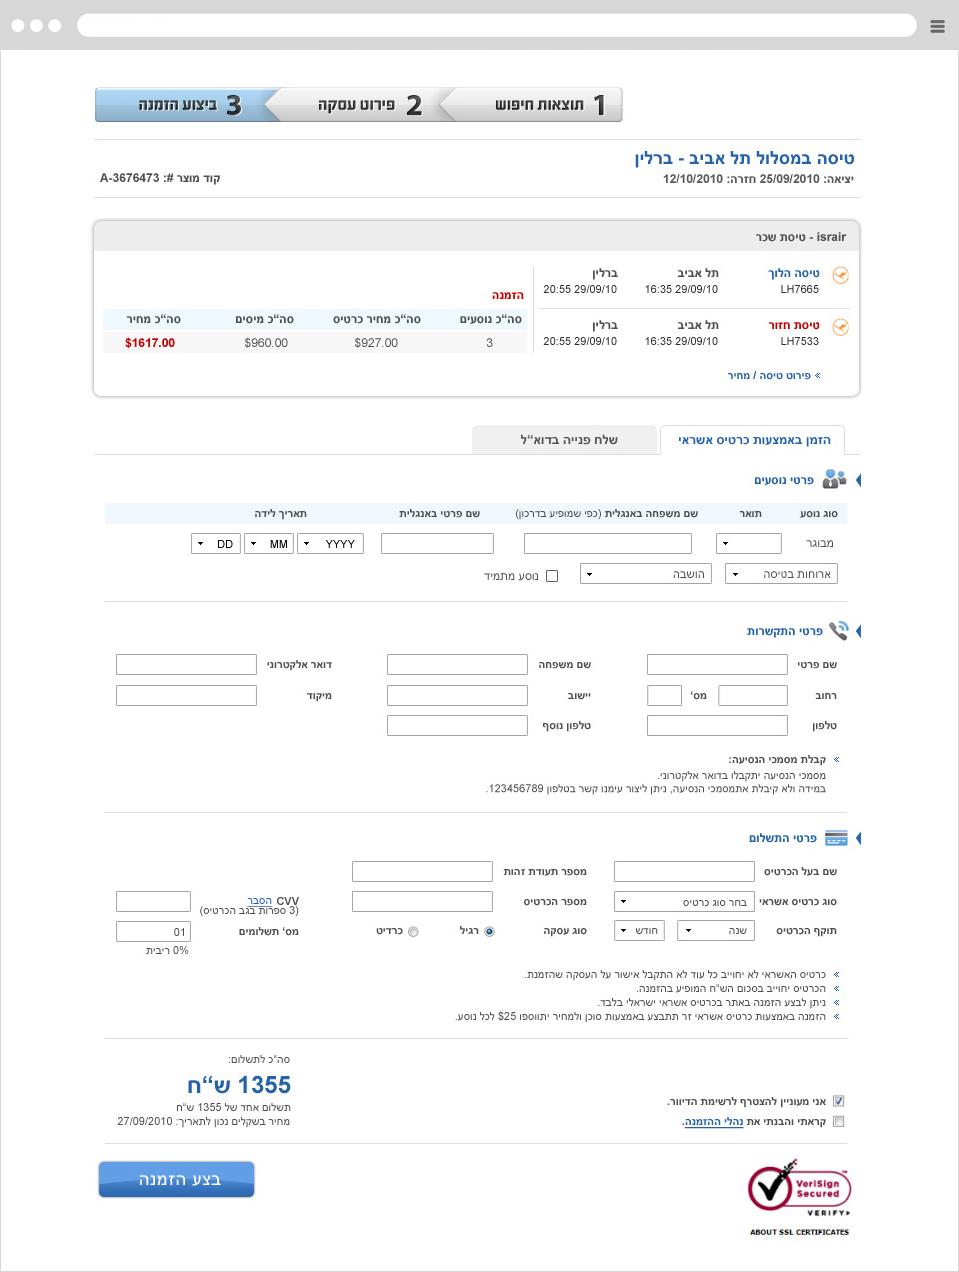 עיצוב ממשק משתמש למערכת הזמנת טיסות sabre